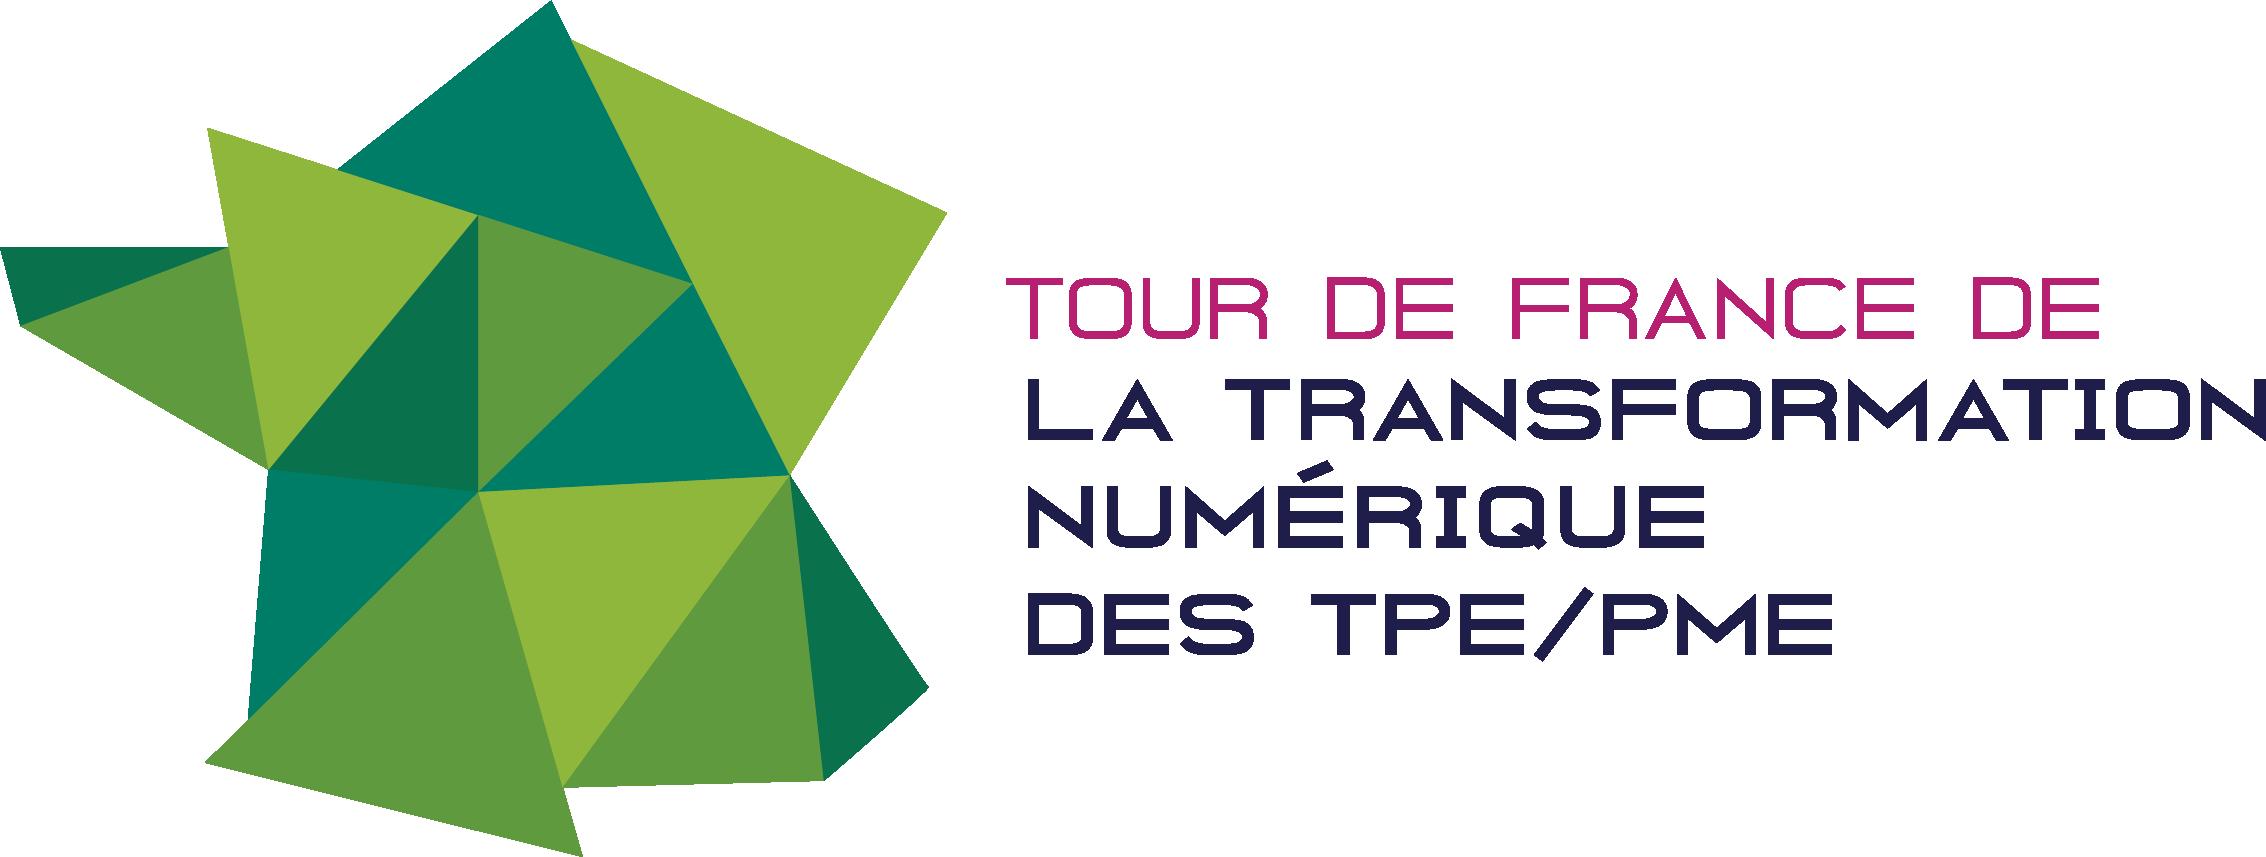 Logo Tour de France de la transformation numérique des TPE/PME